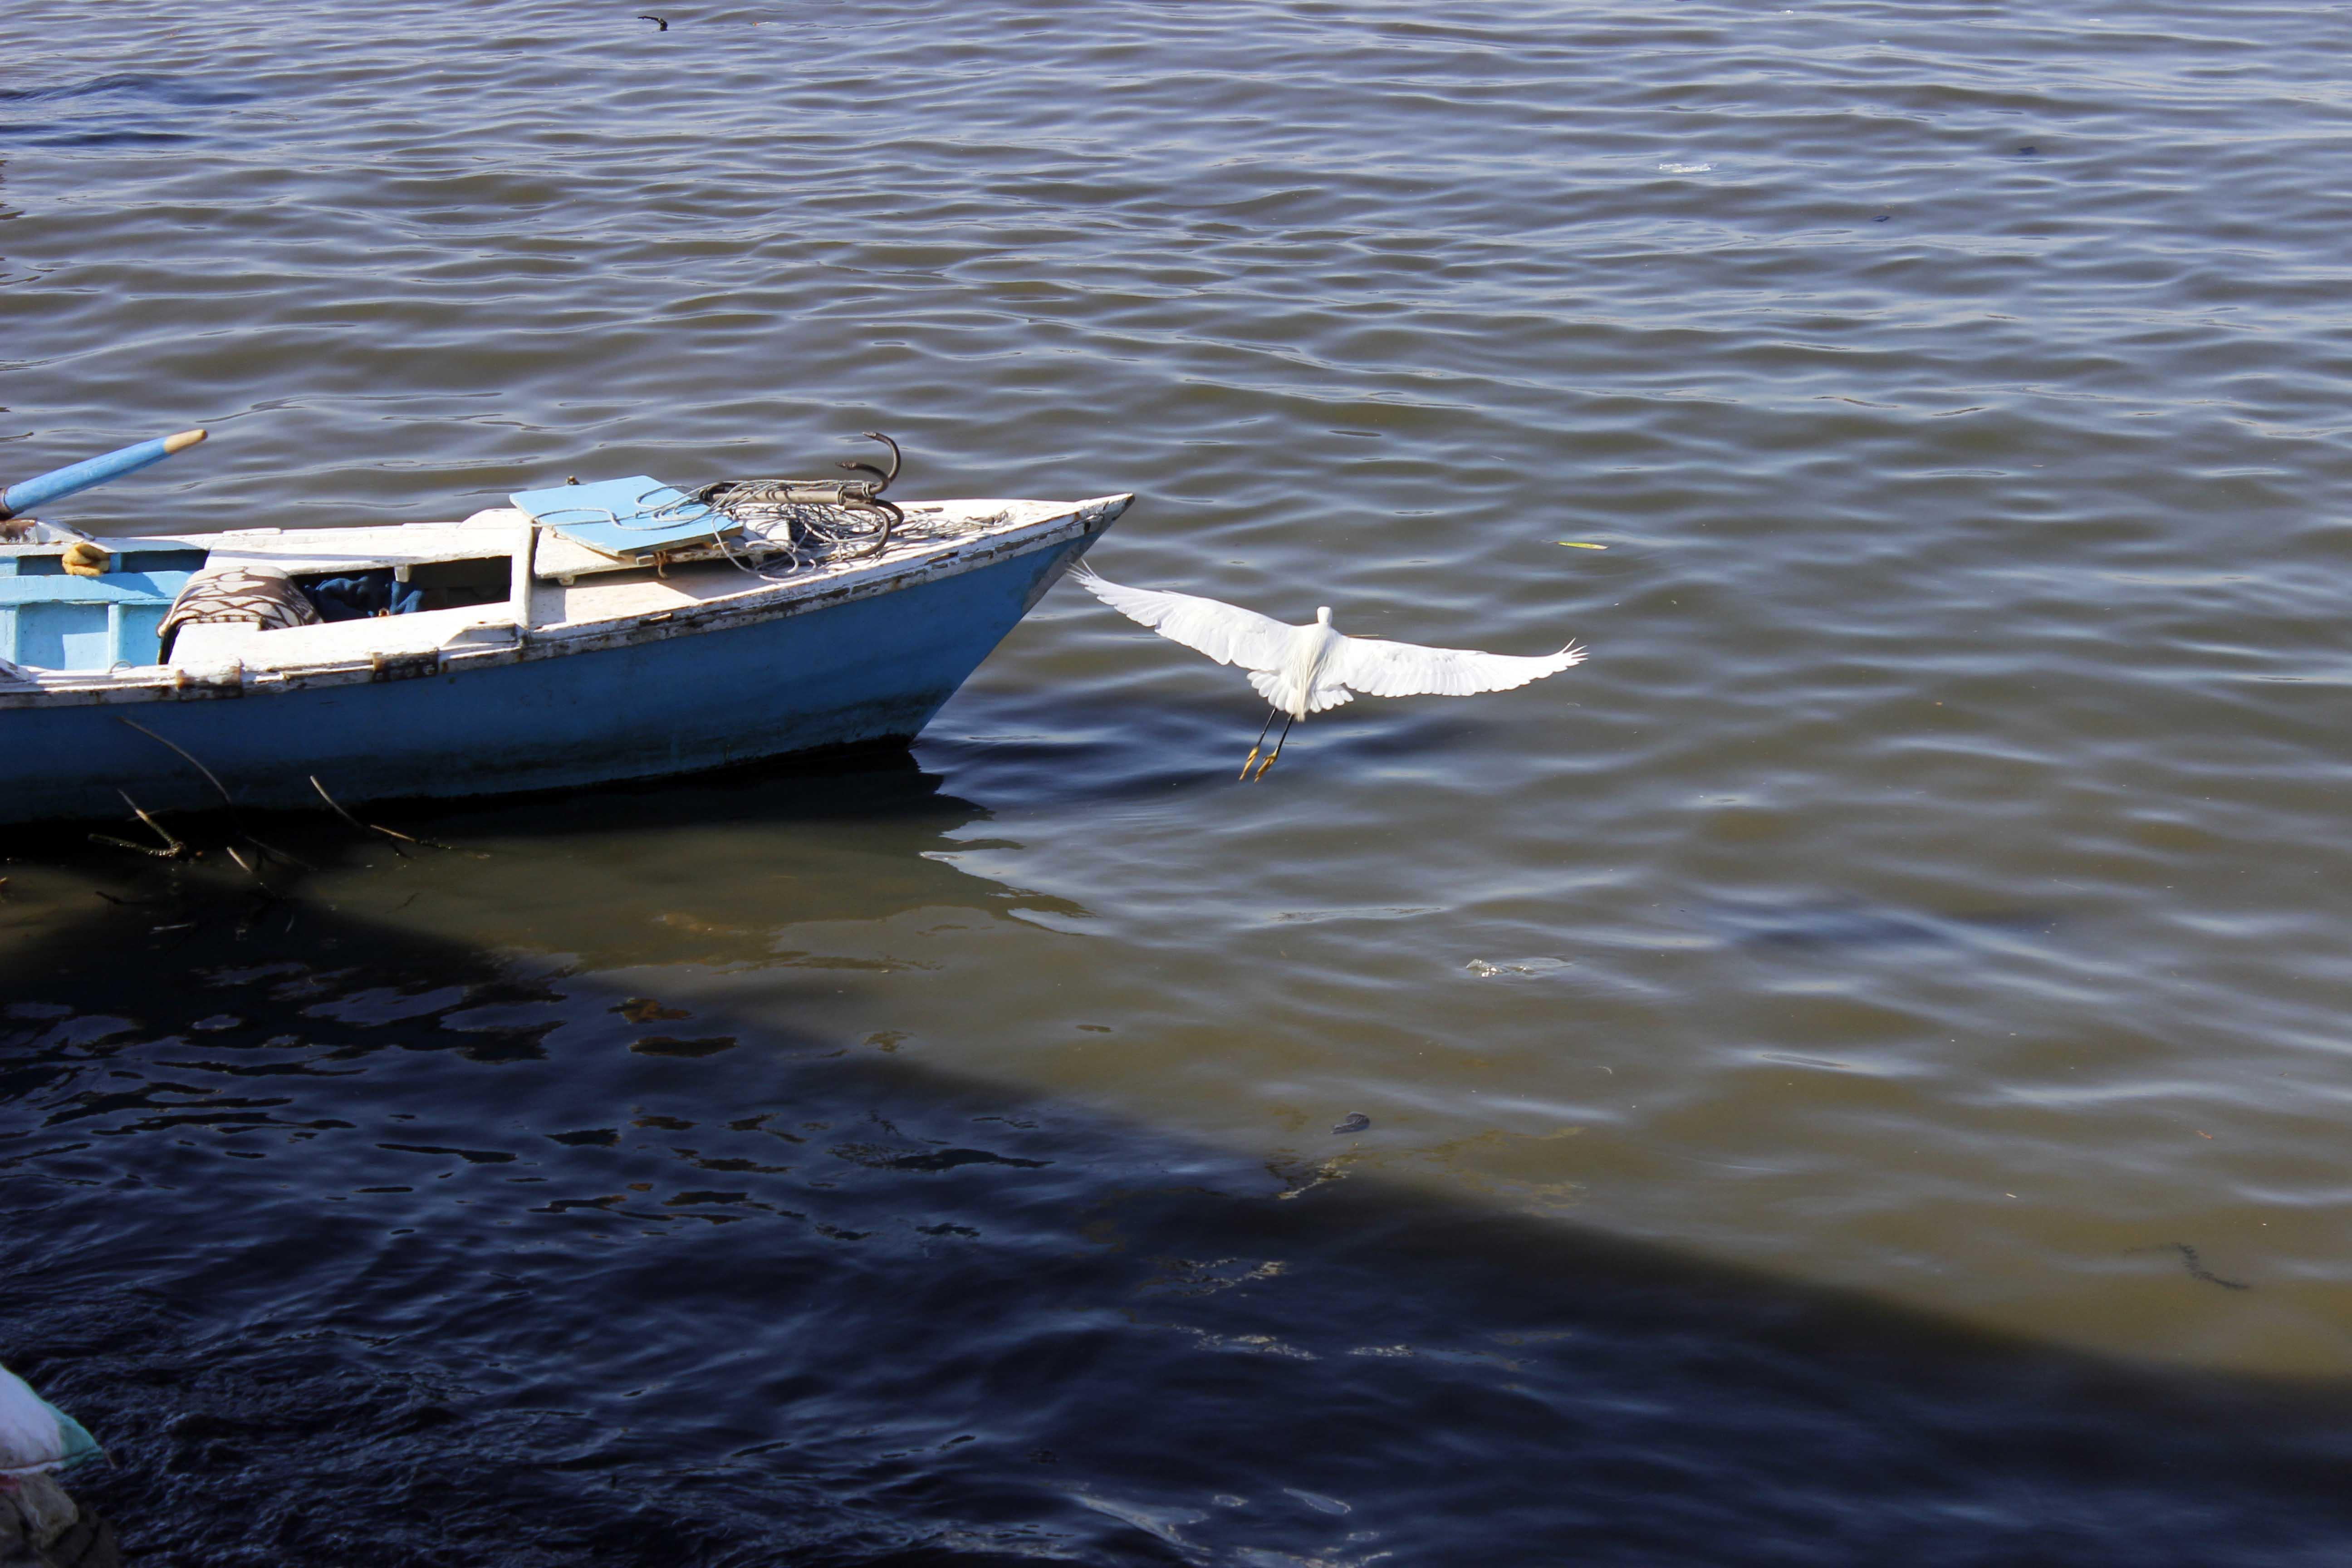 البحيرات المرة بالإسماعيلية (7)